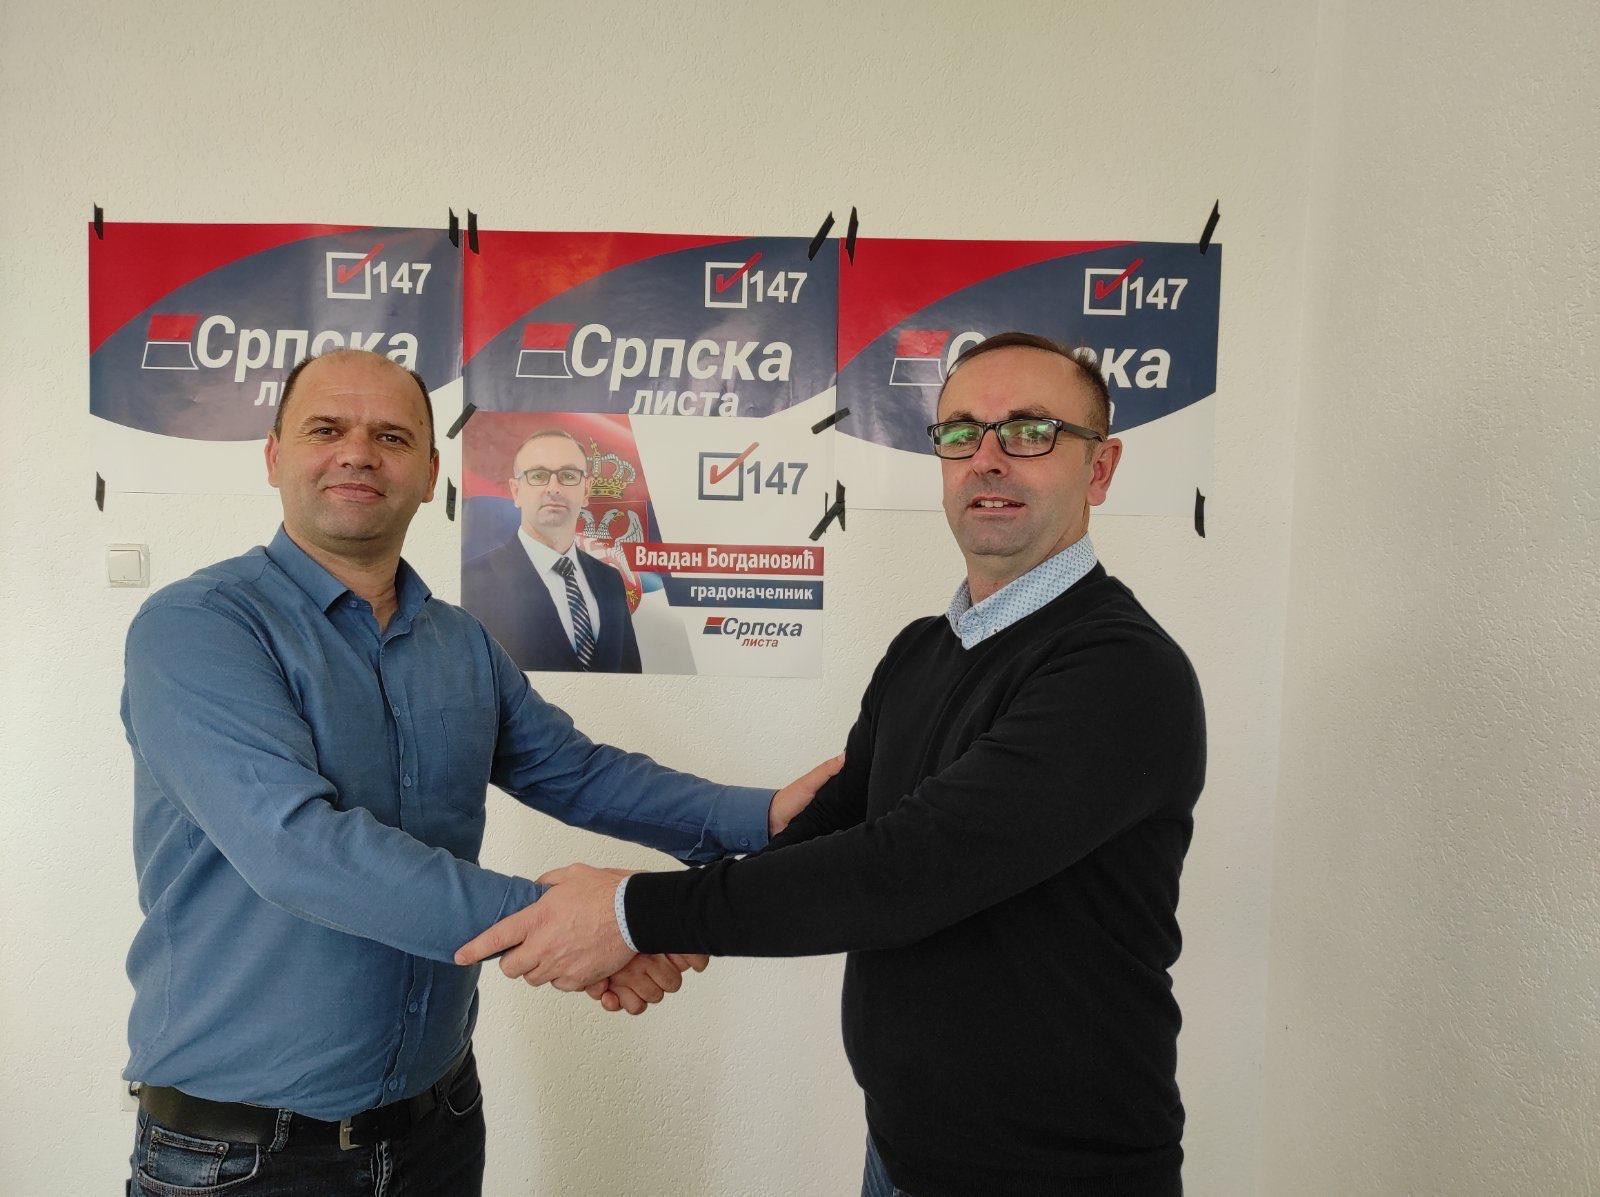 Mirković sa članovima GI Narodno jedinstvo pristupio Srpskoj listi